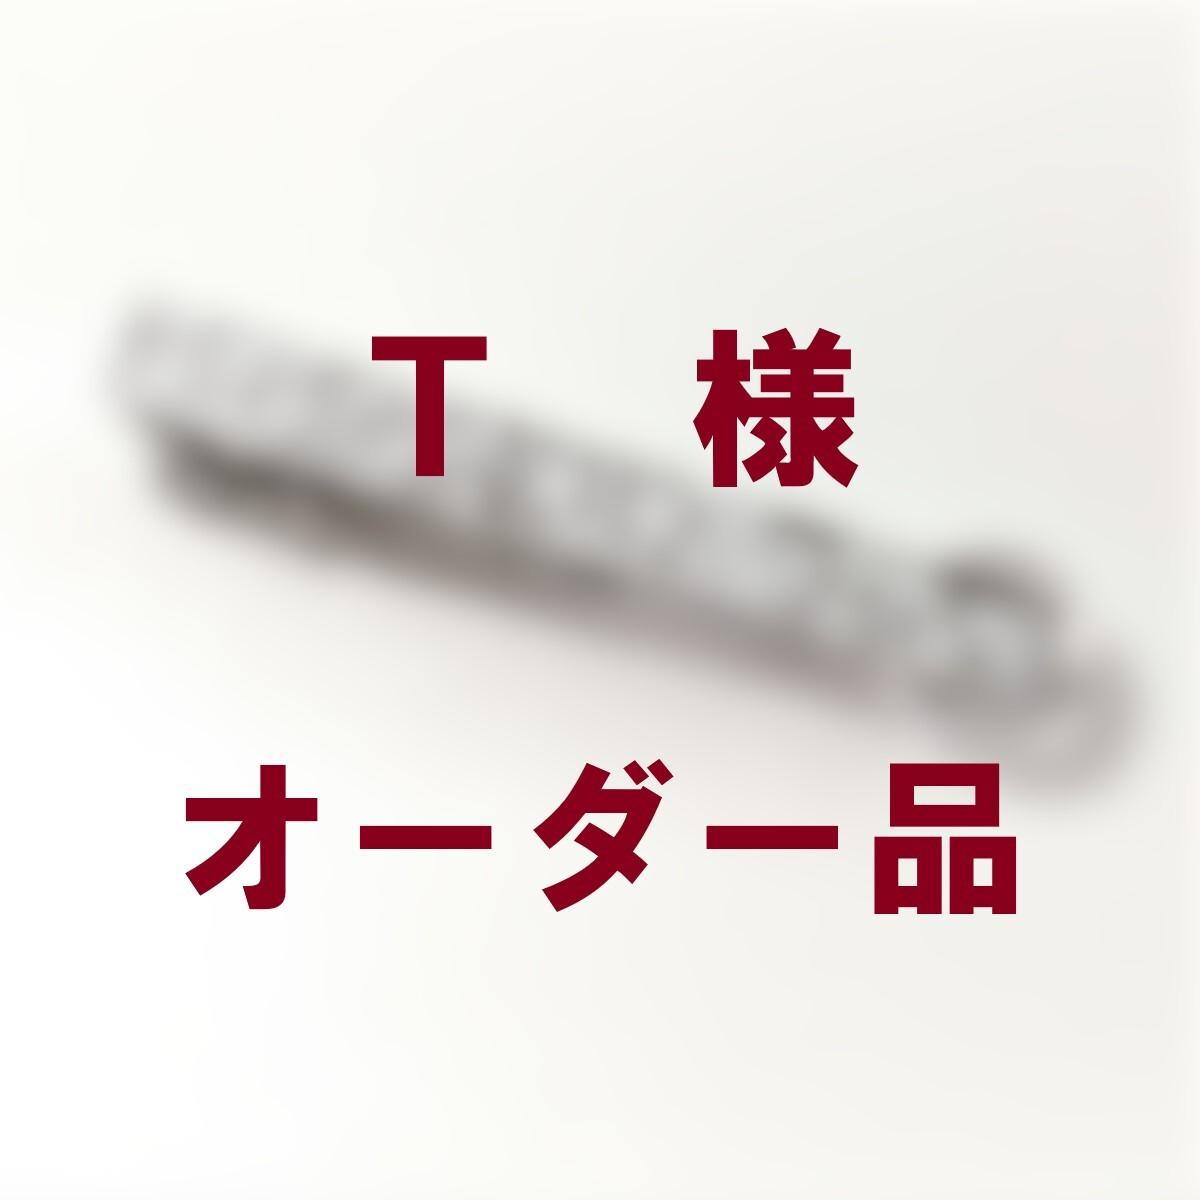 ☆T様オーダー品☆ (ネクタイピン)